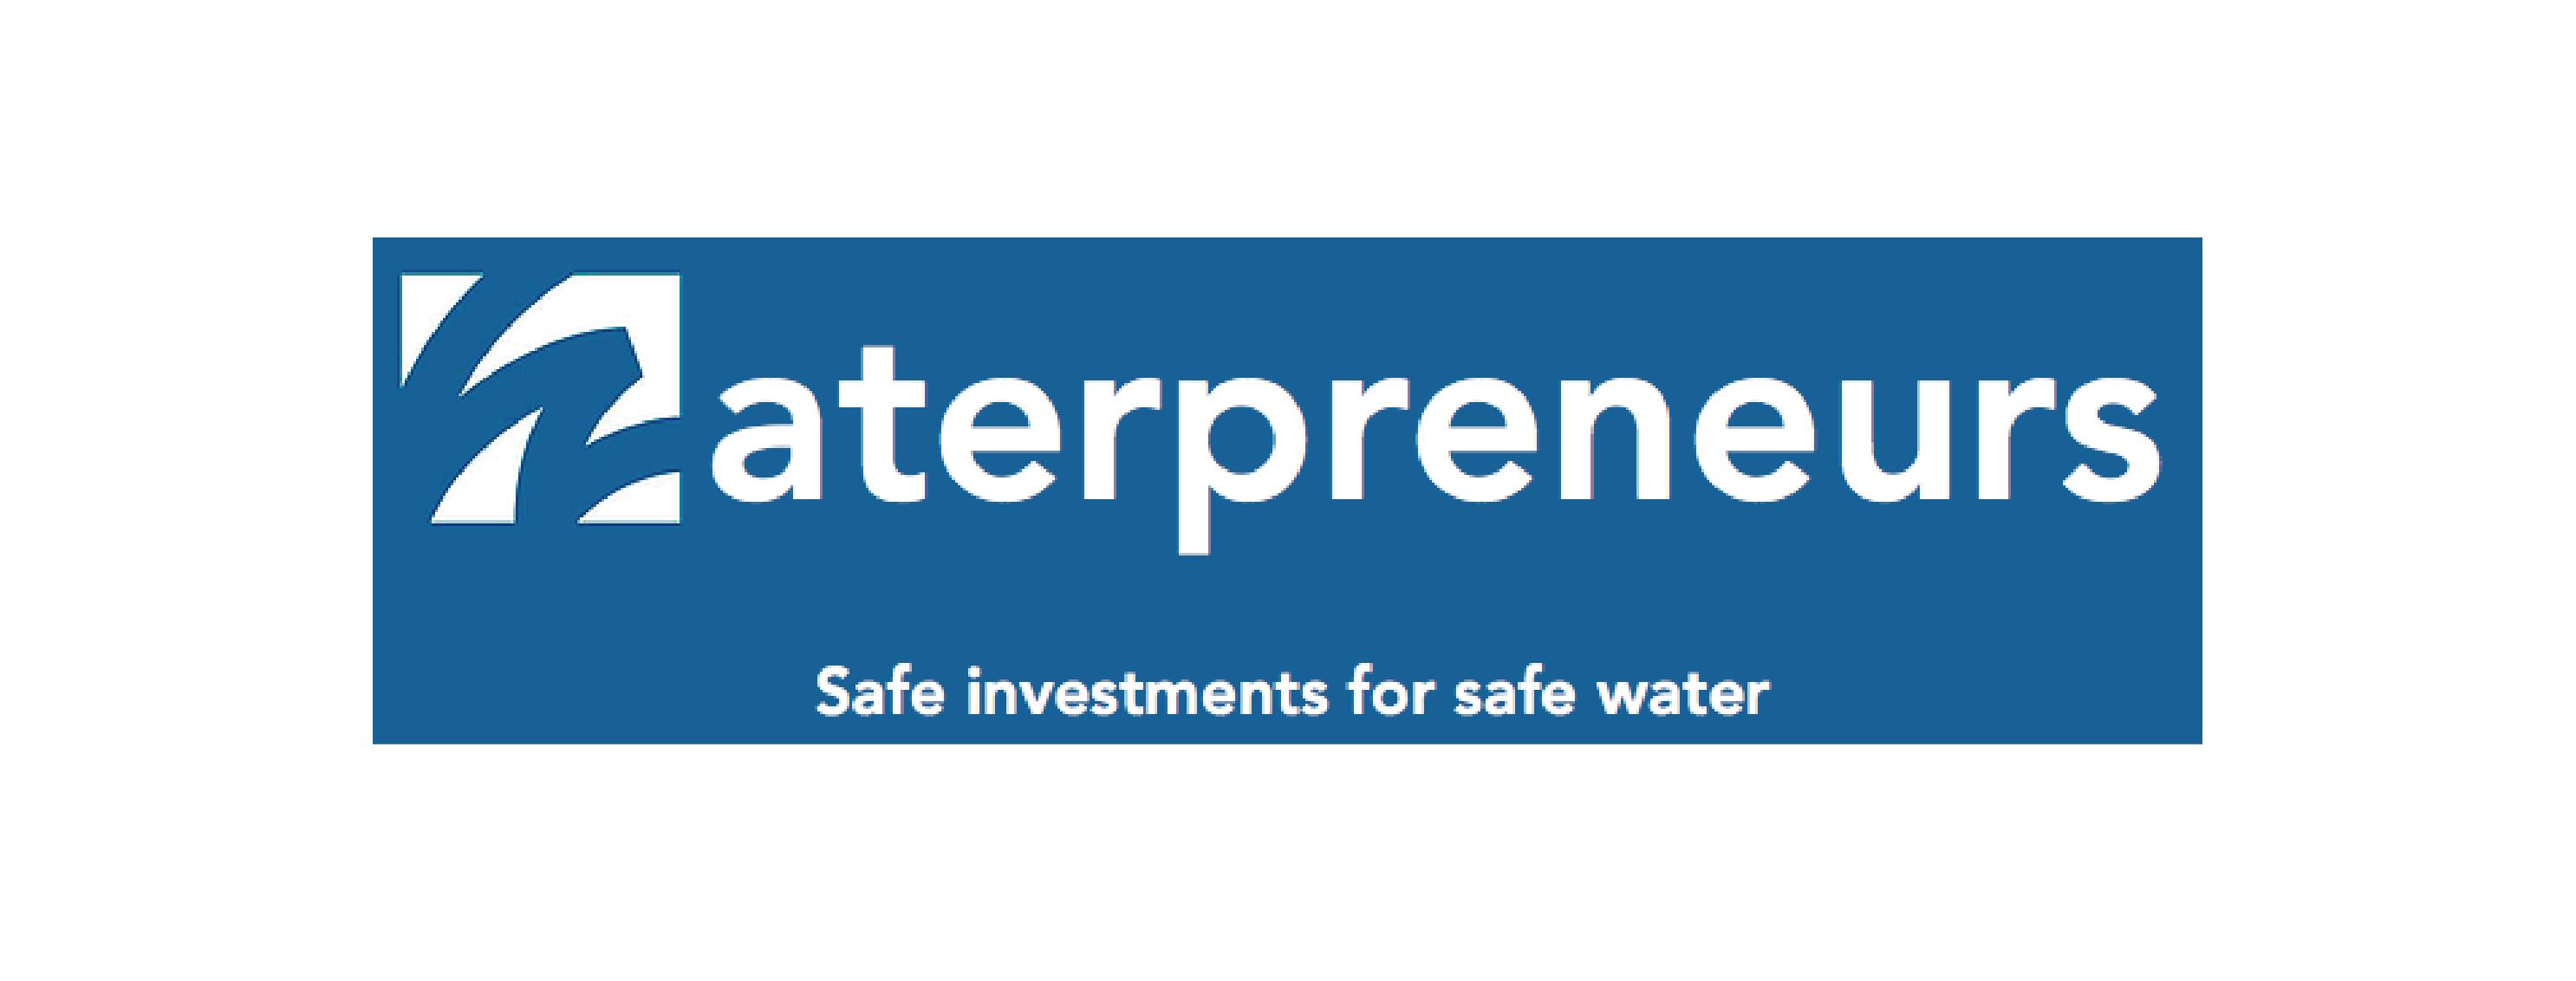 Water Consortium is Raising $50M